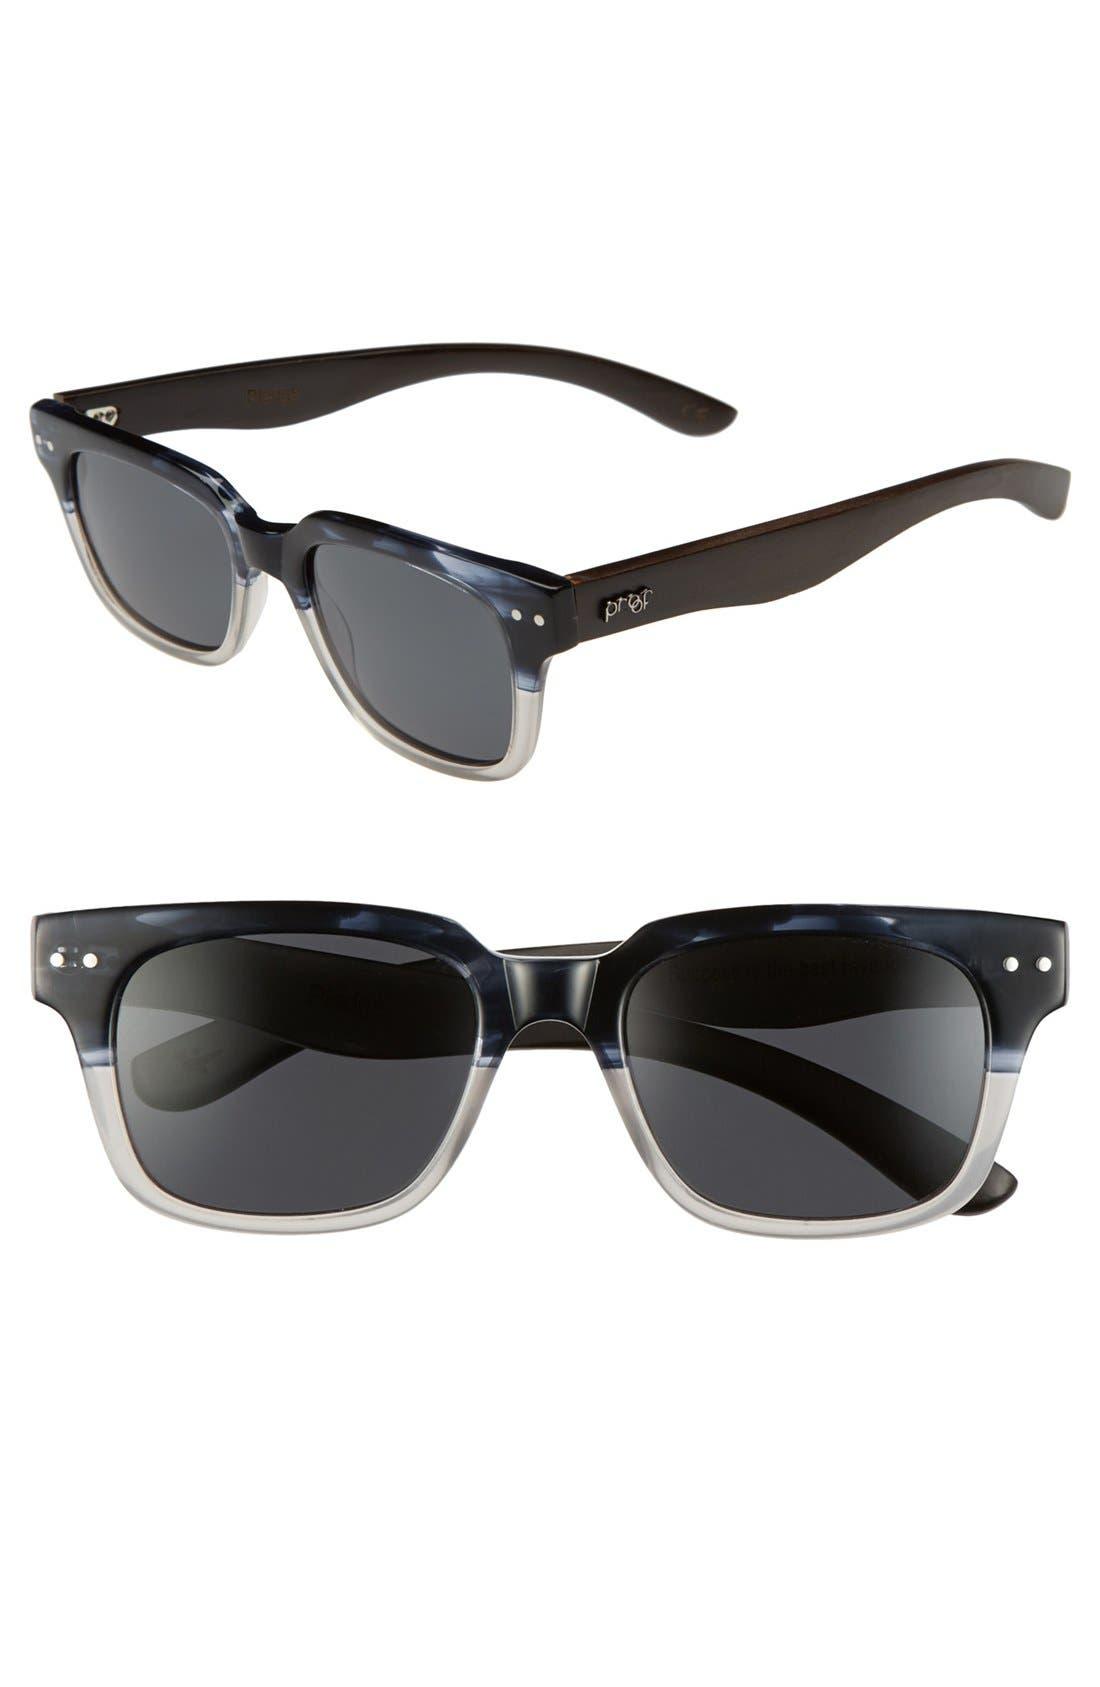 Alternate Image 1 Selected - Proof Eyewear 'Pledge' 47mm Polarized Sunglasses